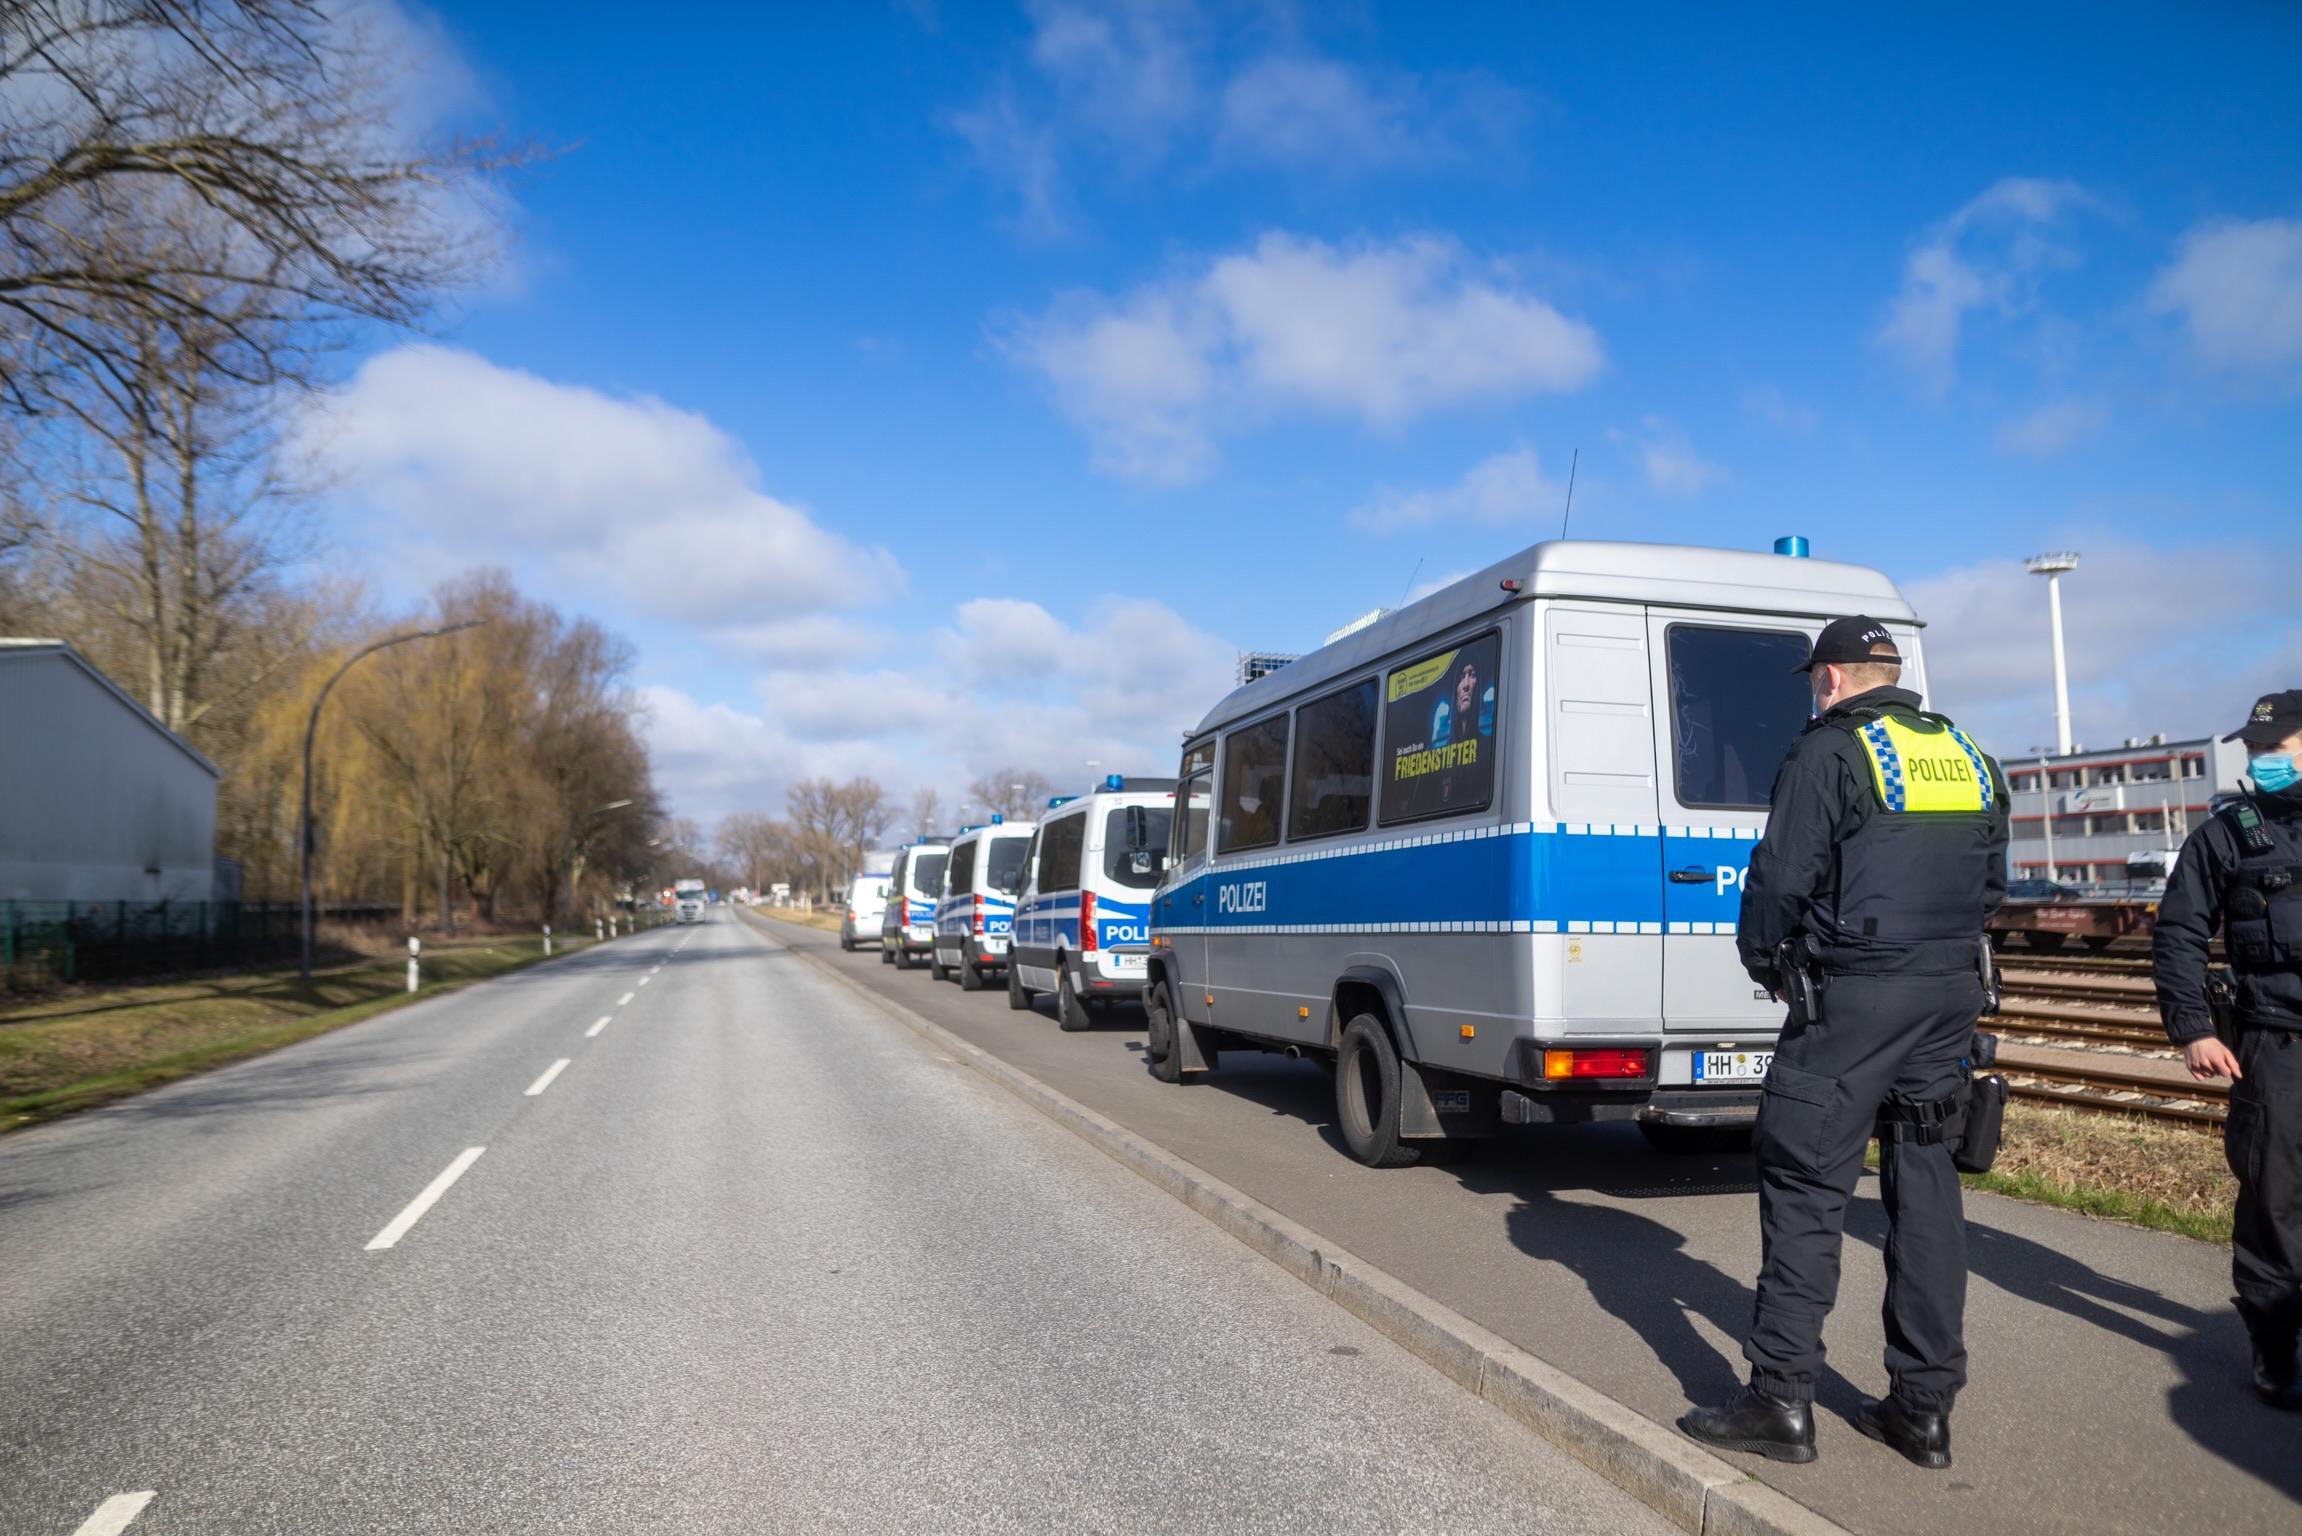 Gro-e-Suchaktion-nach-misslungener-Verkehrskontrolle-Autofahrer-rast-vor-Polizei-davon